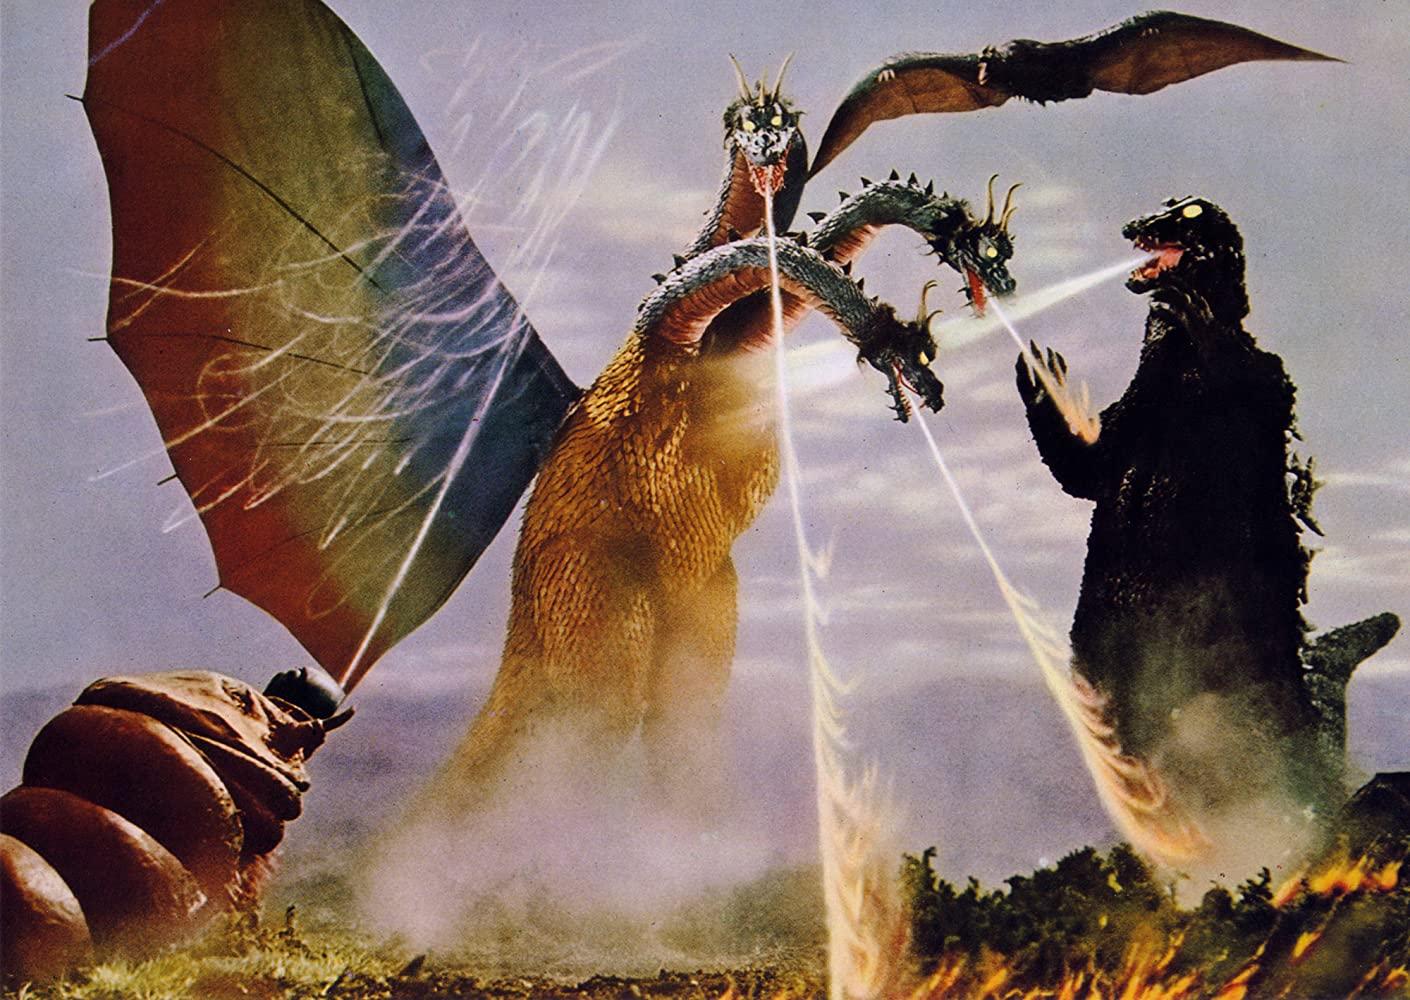 Ghidorah The 3 Headed Monster 7